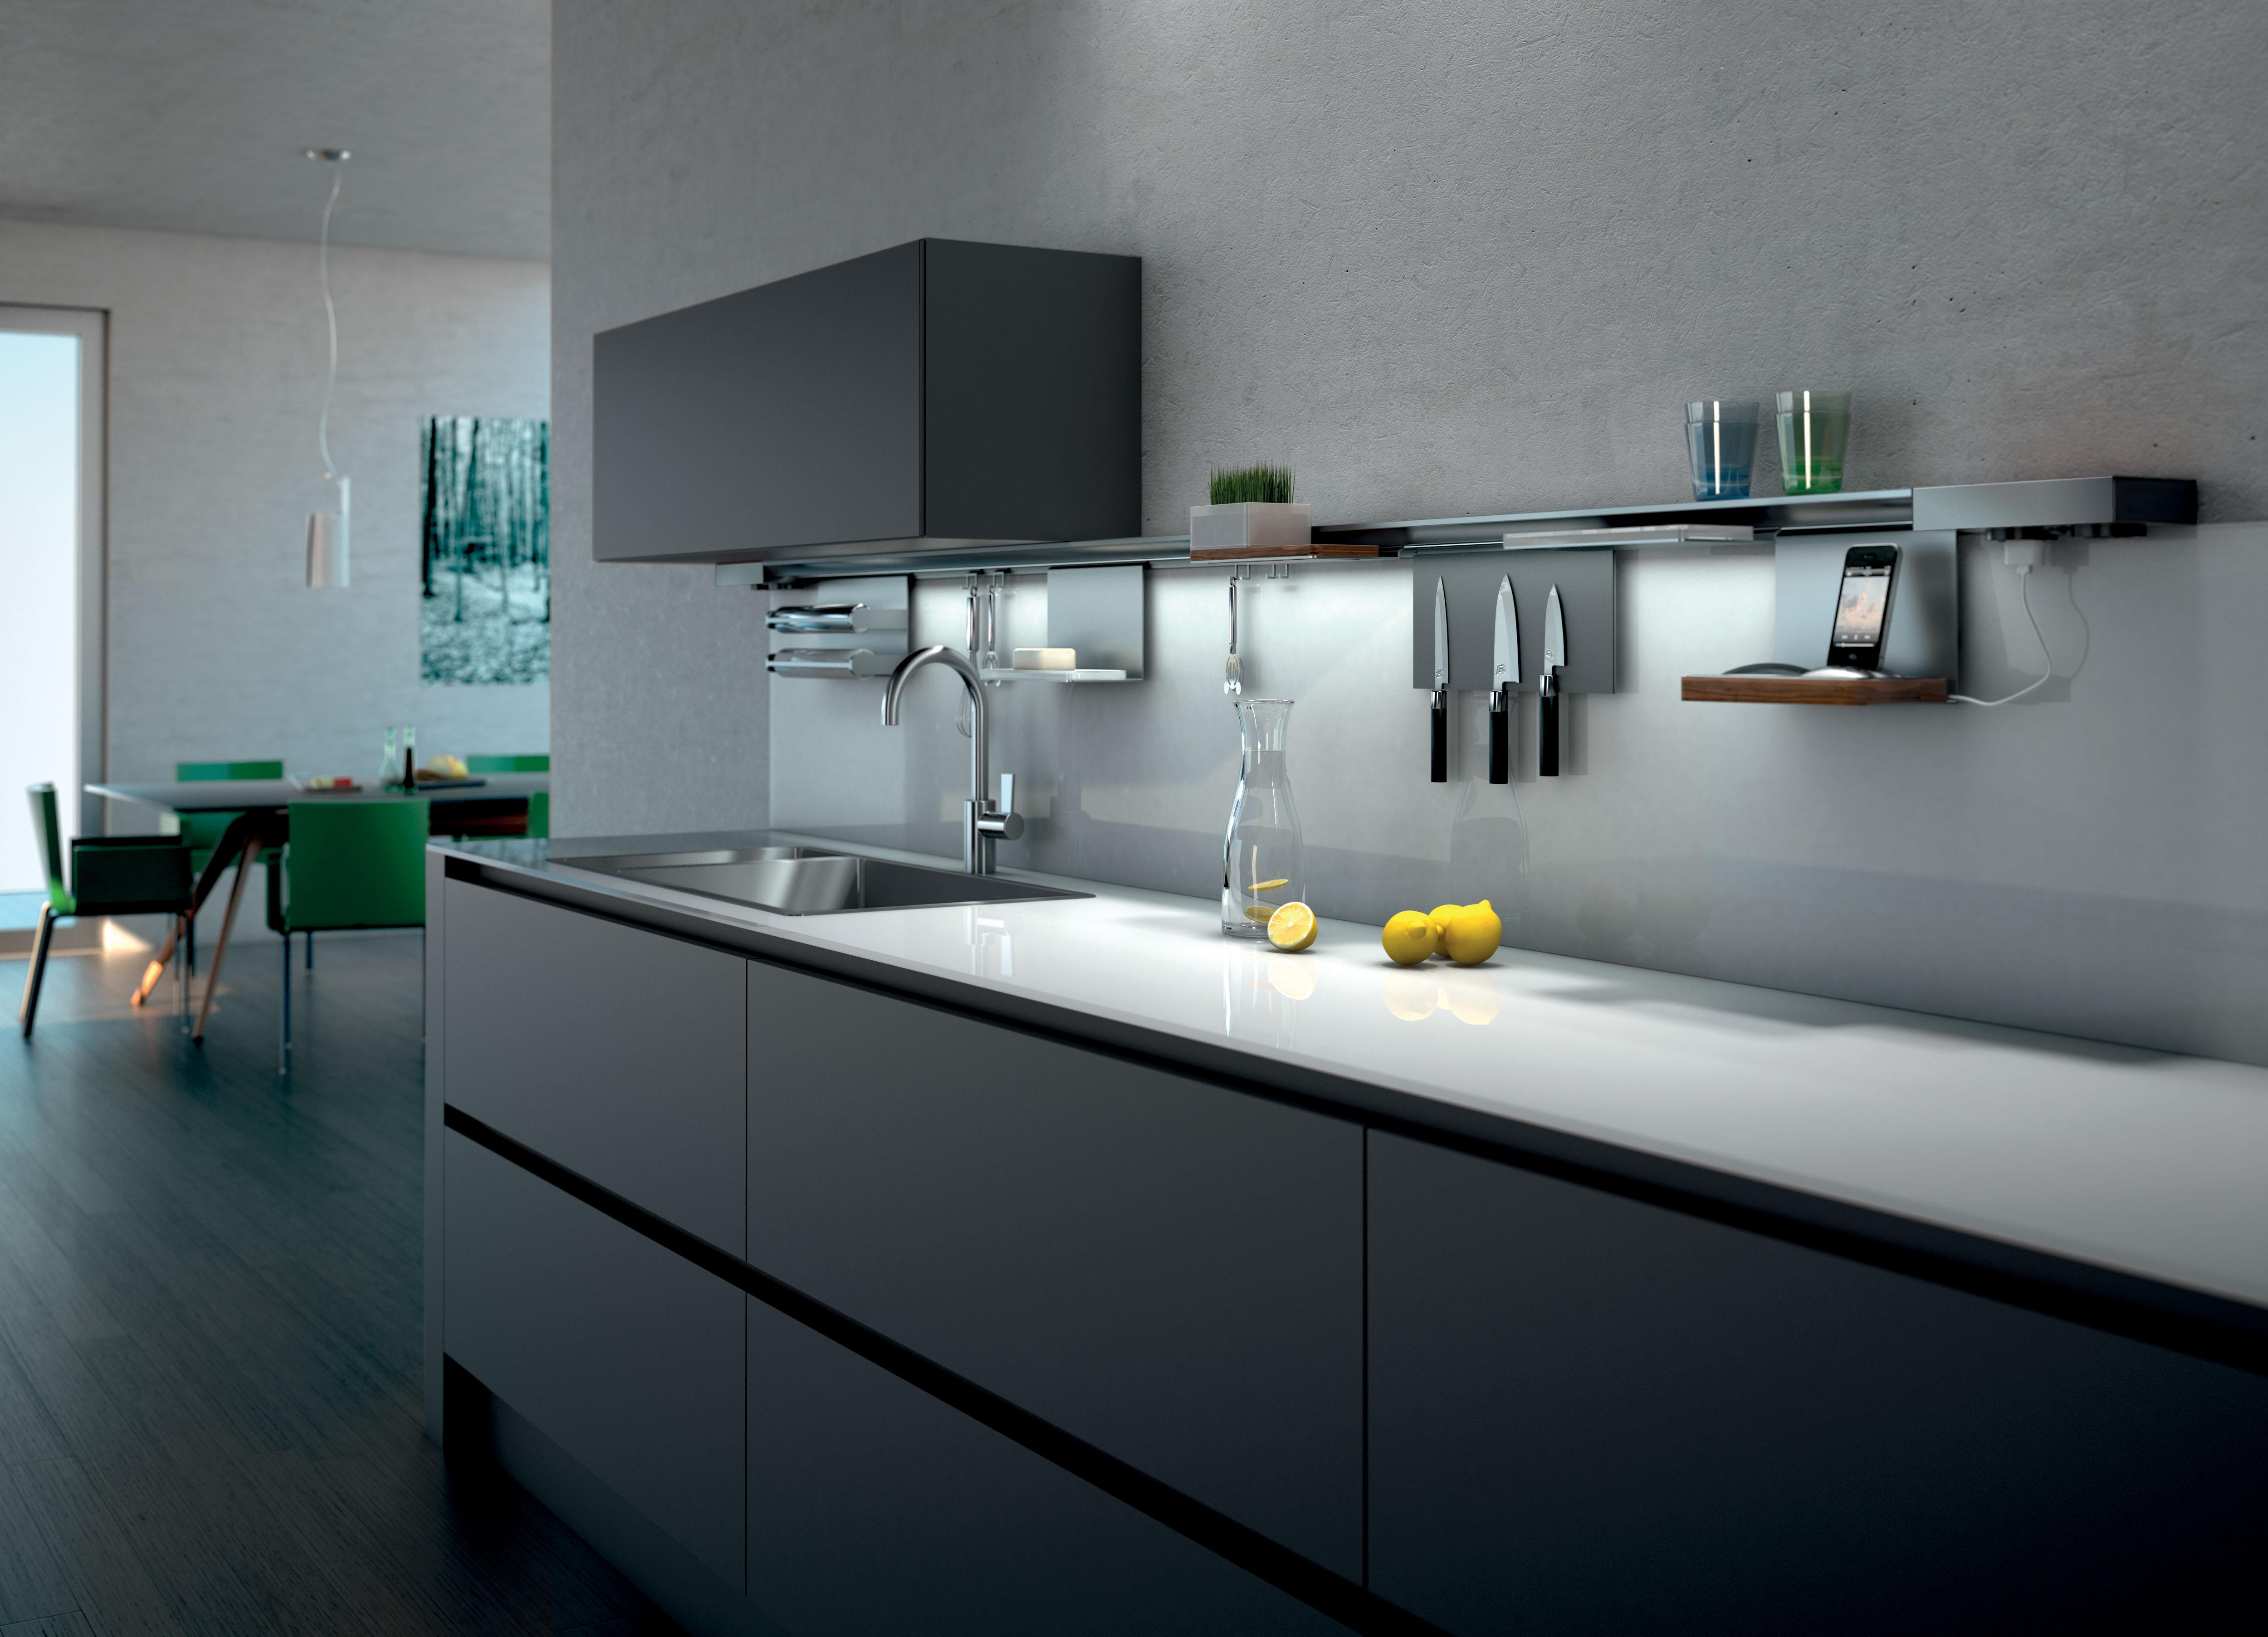 Küchennischen blickfang küchennische amk arbeitsgemeinschaft die moderne küche